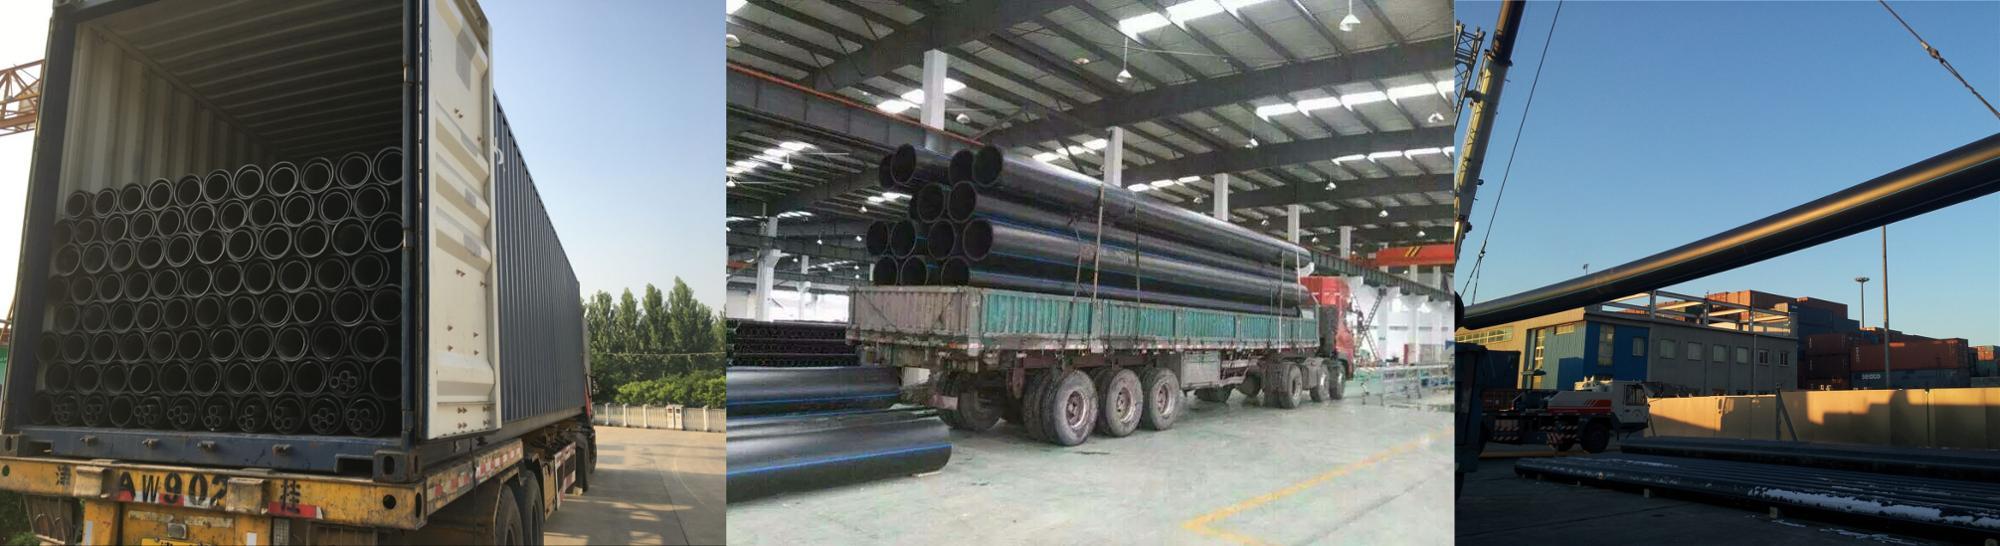 Sdr21 Pe Pe ท่อ Tee Joint ไฟฟ้าอุปกรณ์